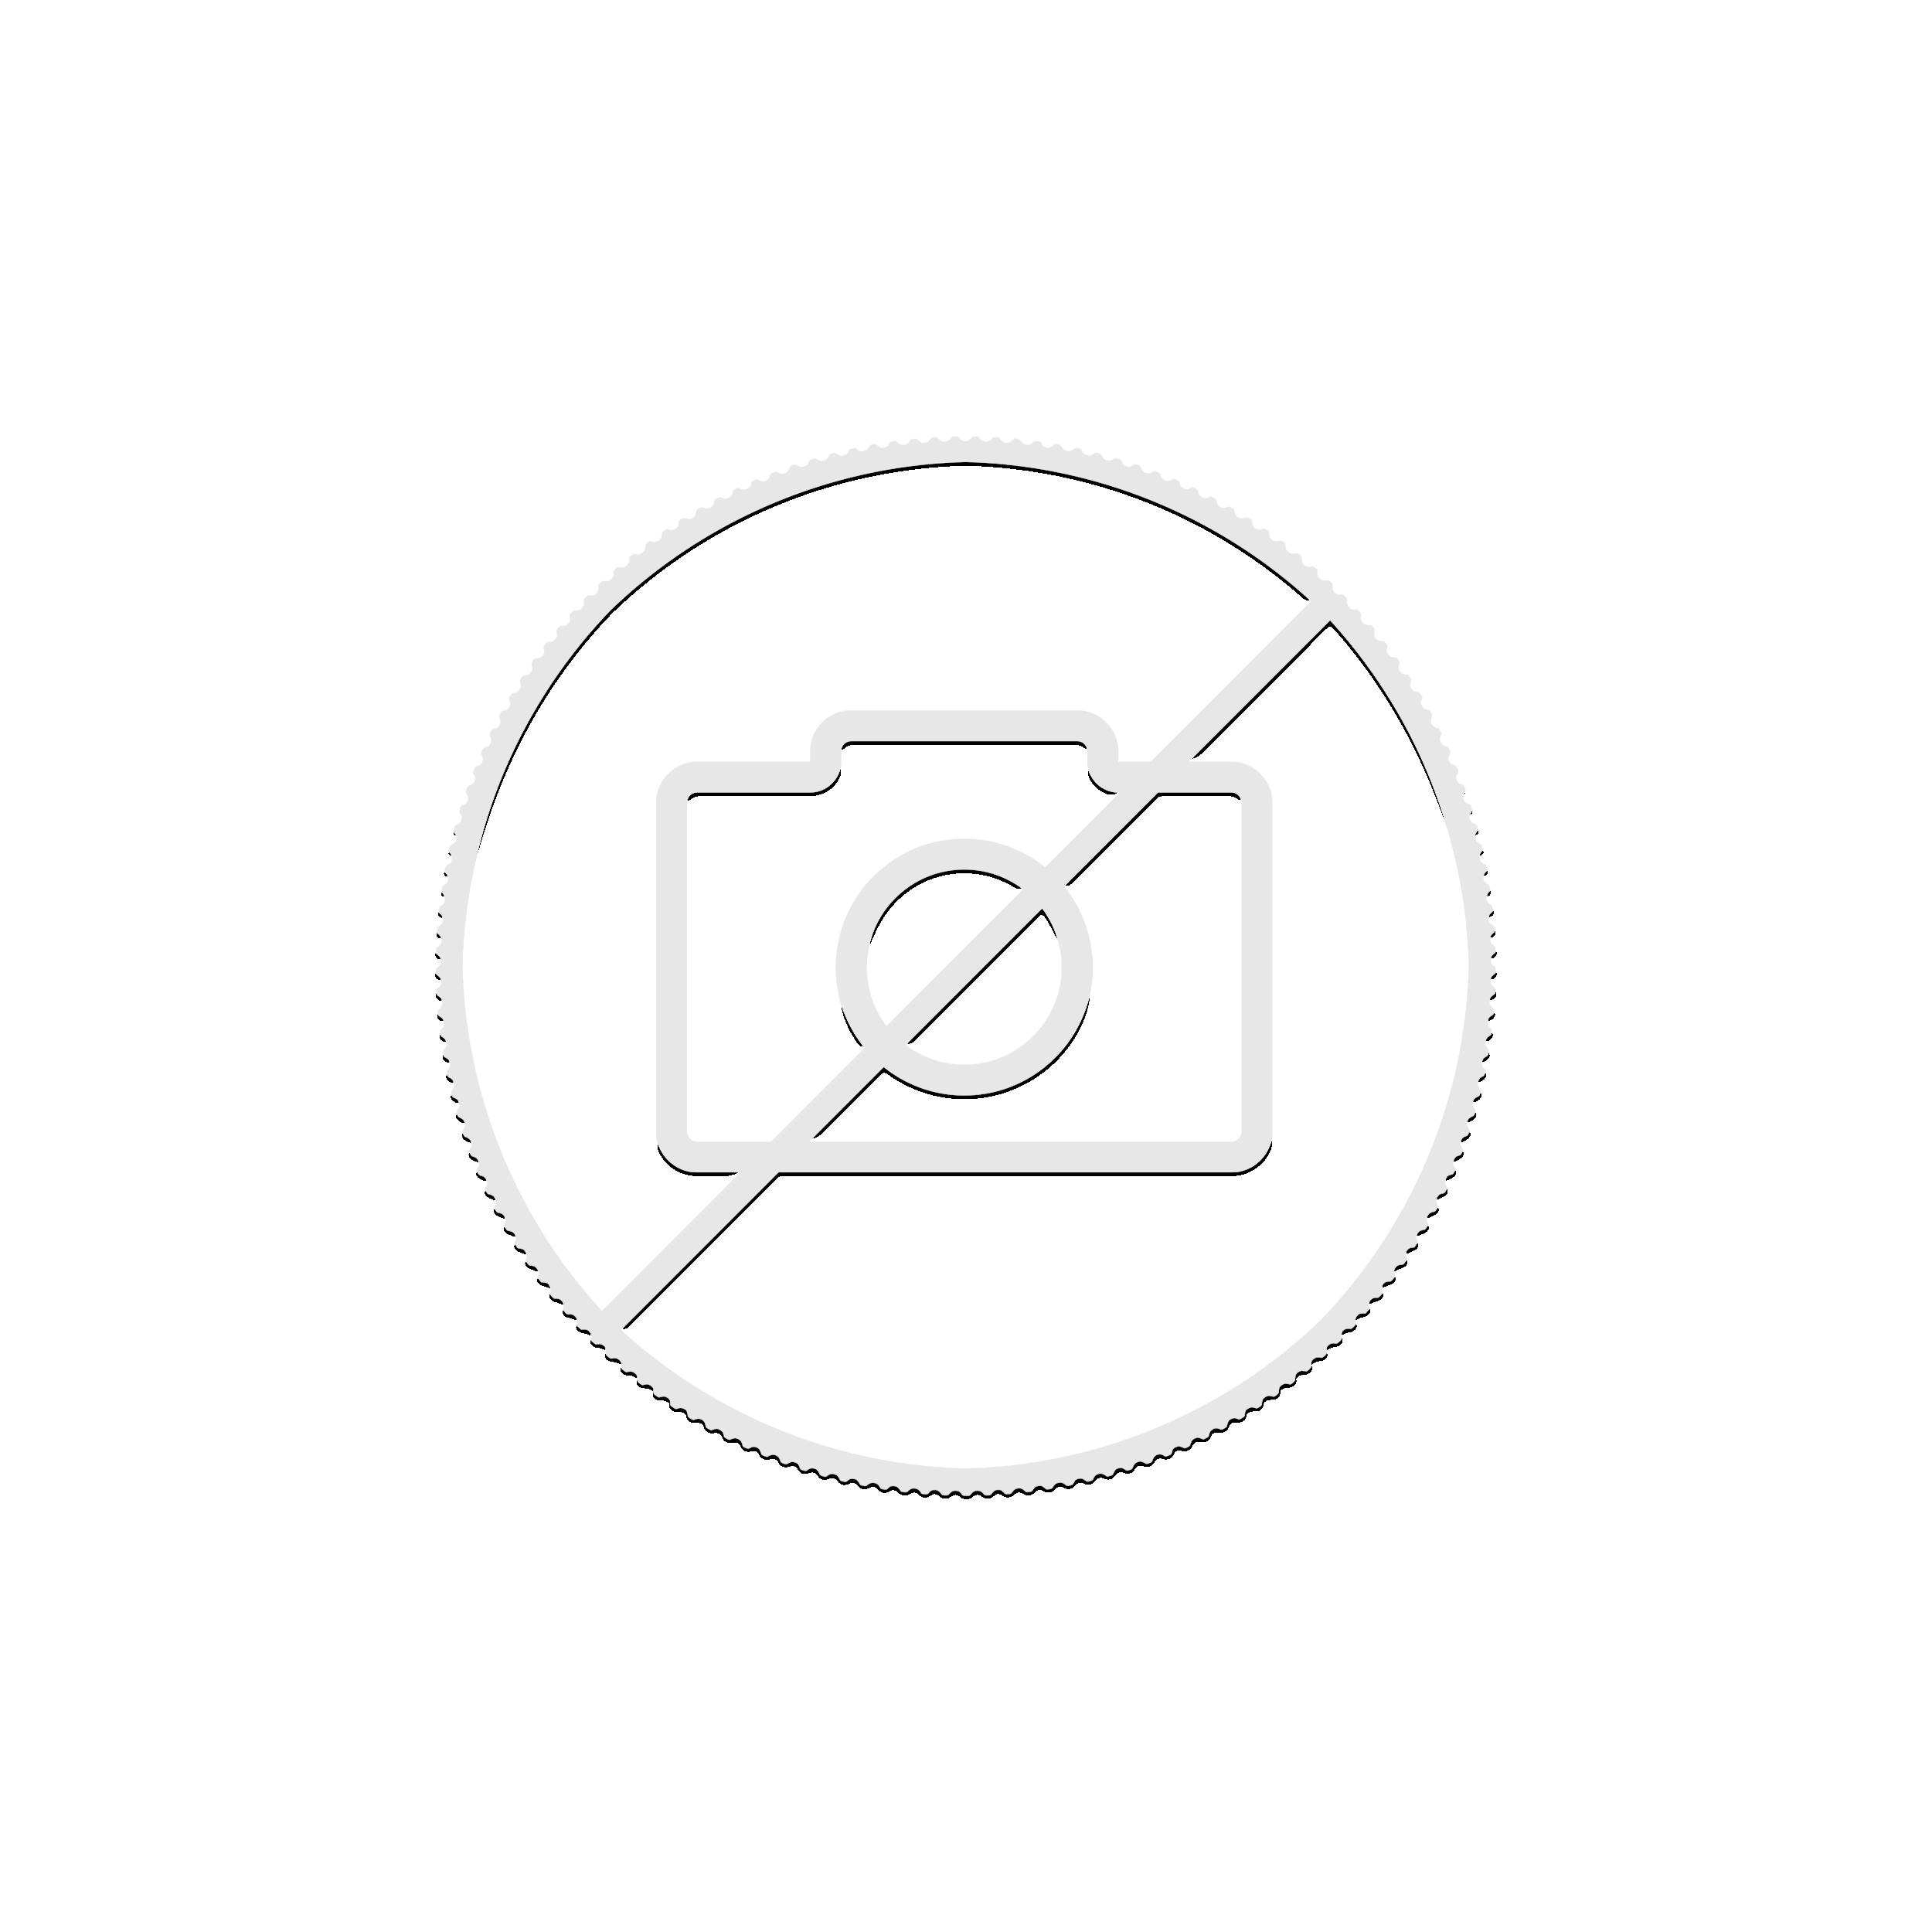 1 Troy ounce gold bar various producers